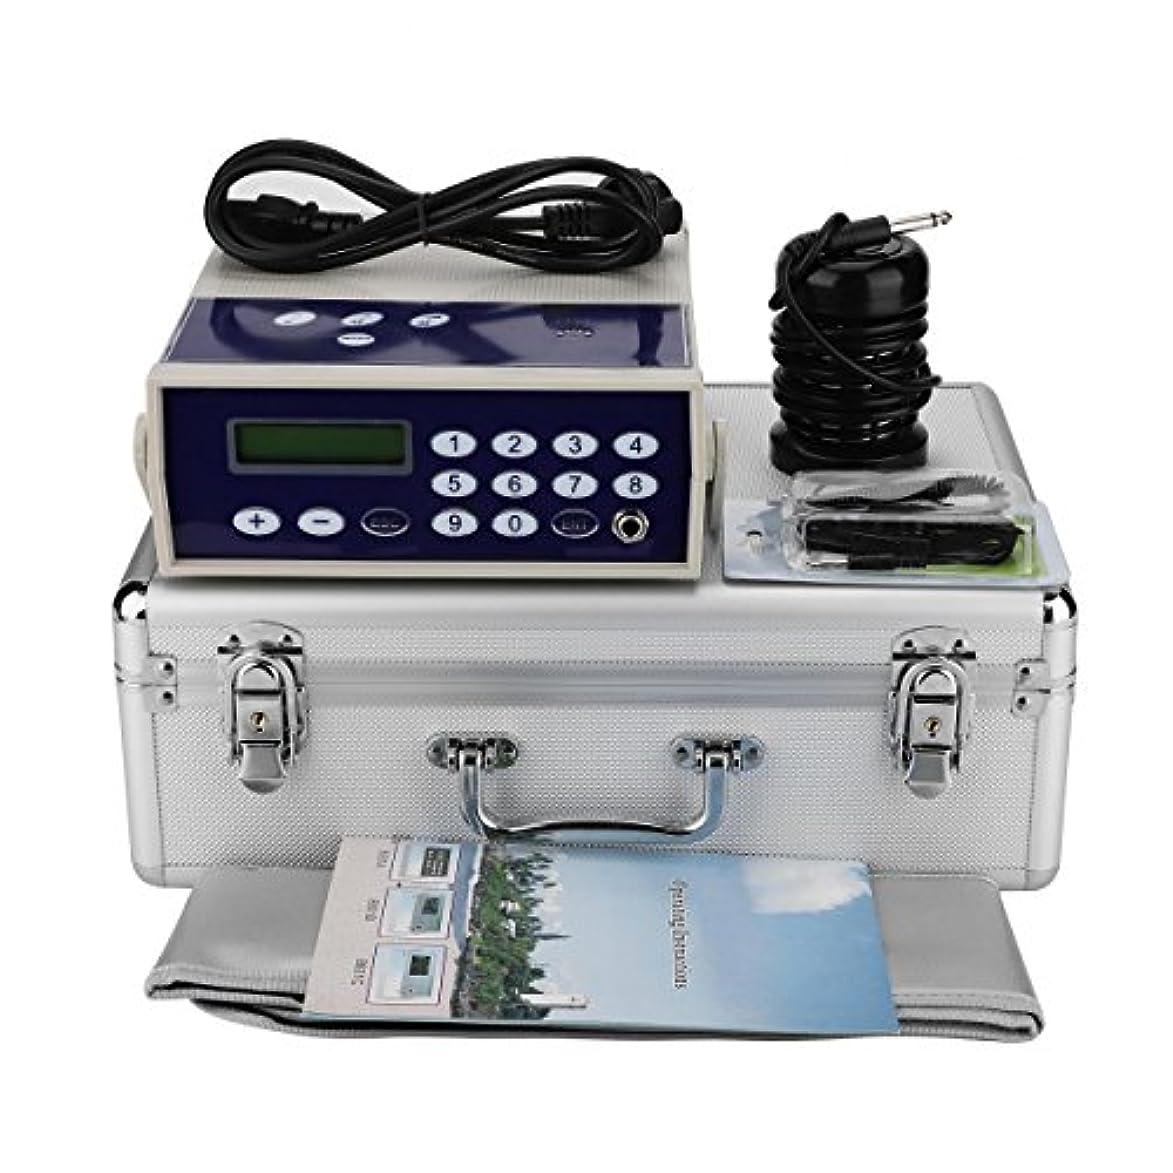 音楽注釈排他的イオンフットバスデトックスマシン、プロフェッショナルイオンイオンアレイボディデトックスマシンスパ赤外線腰ベルトで浄化(110-220V)